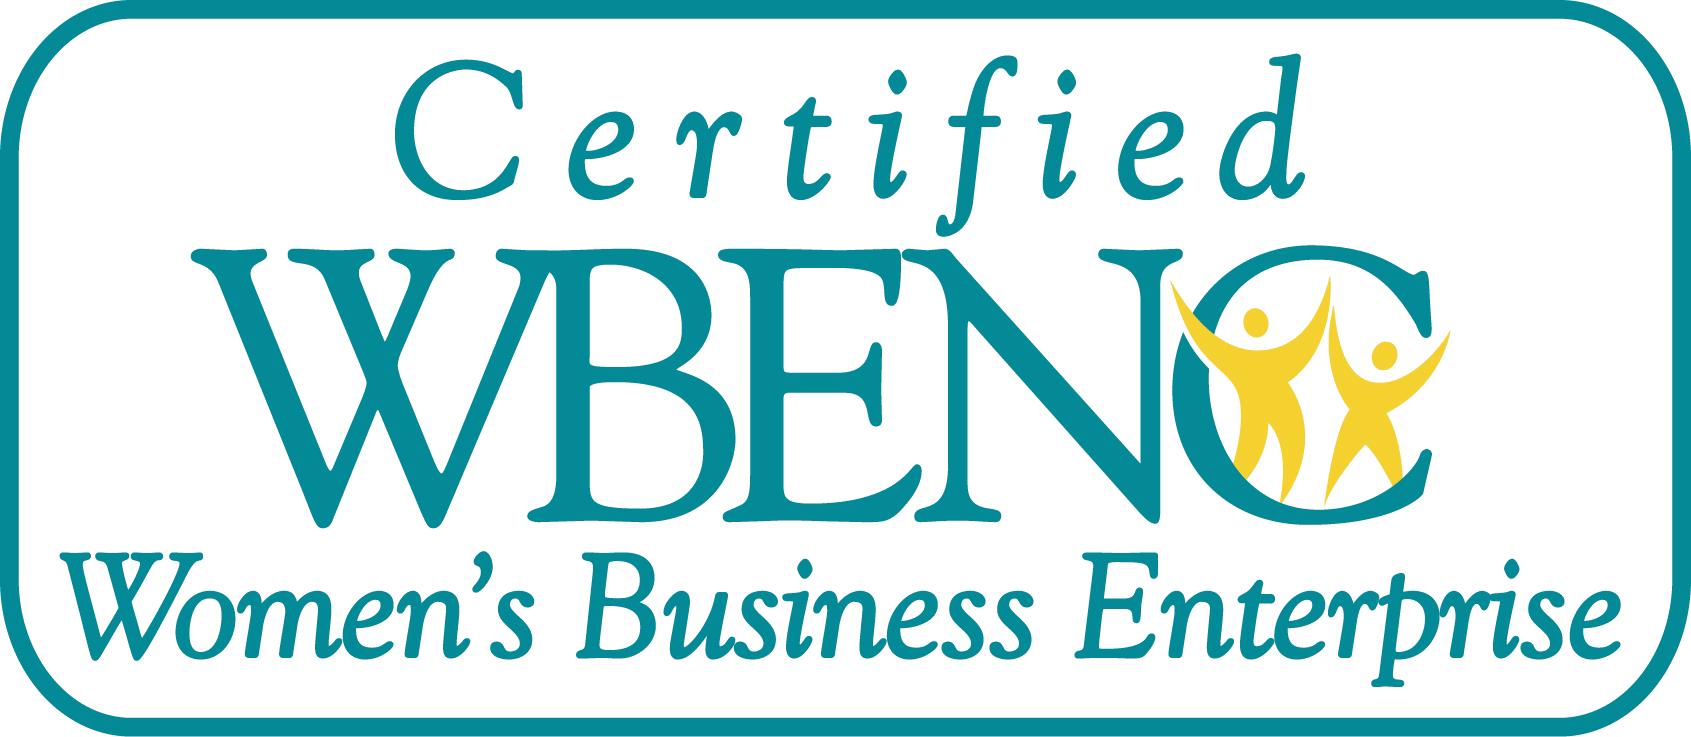 Habithèque Inc. is a Certified Women's Business Enterprise